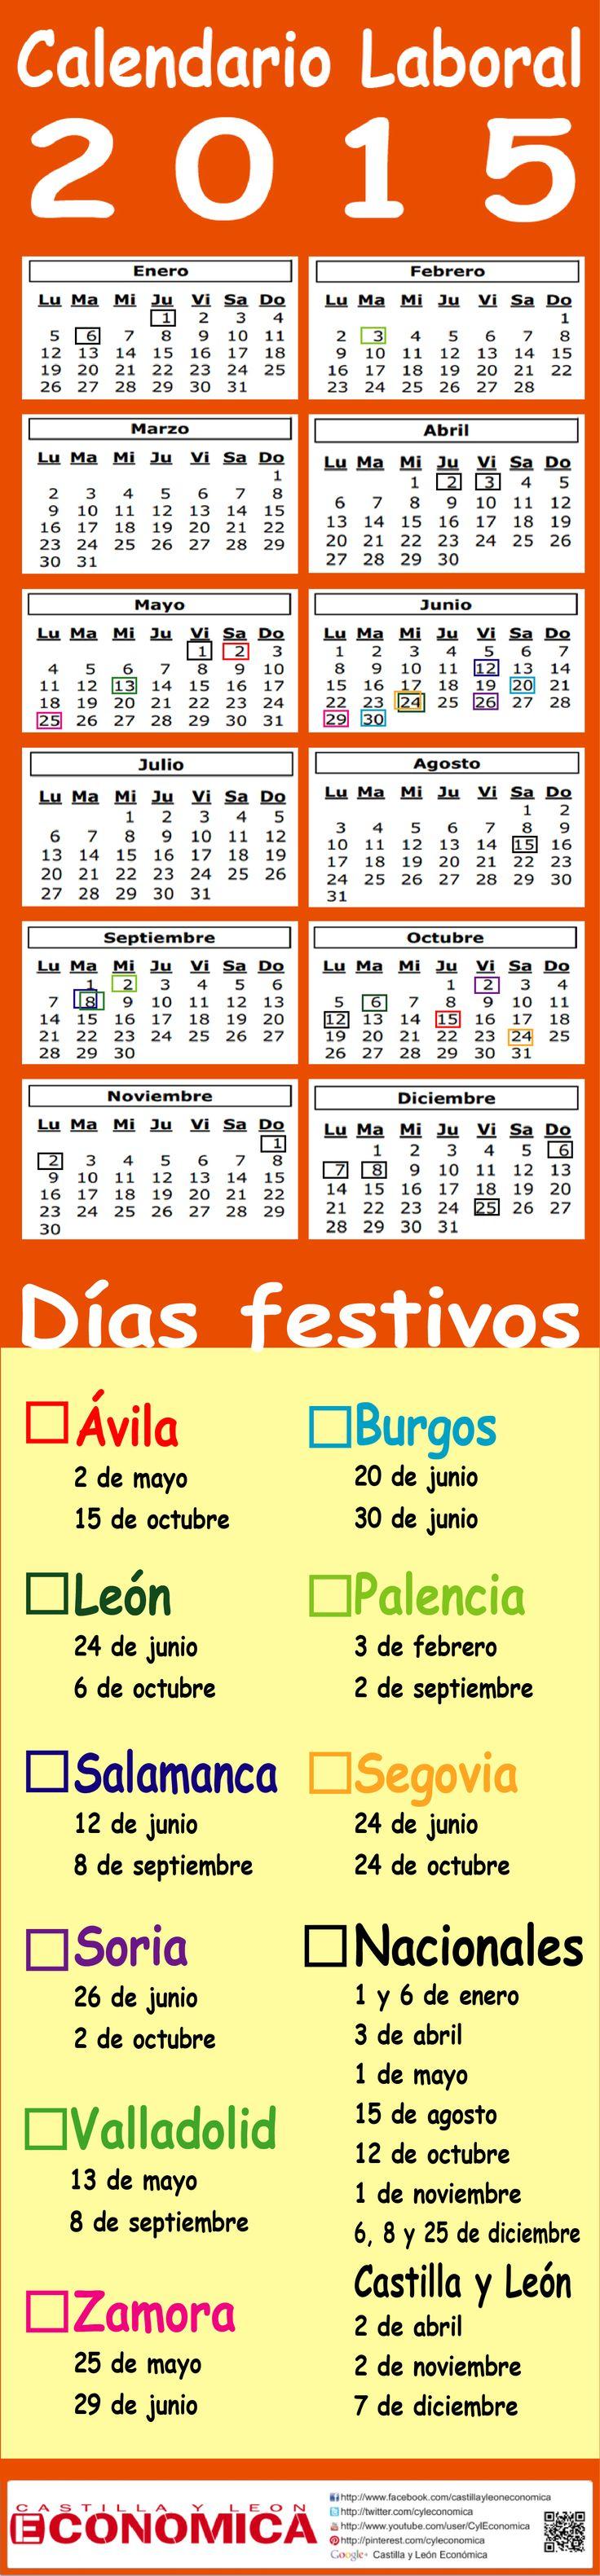 Calendario laboral en Castilla y León 2015